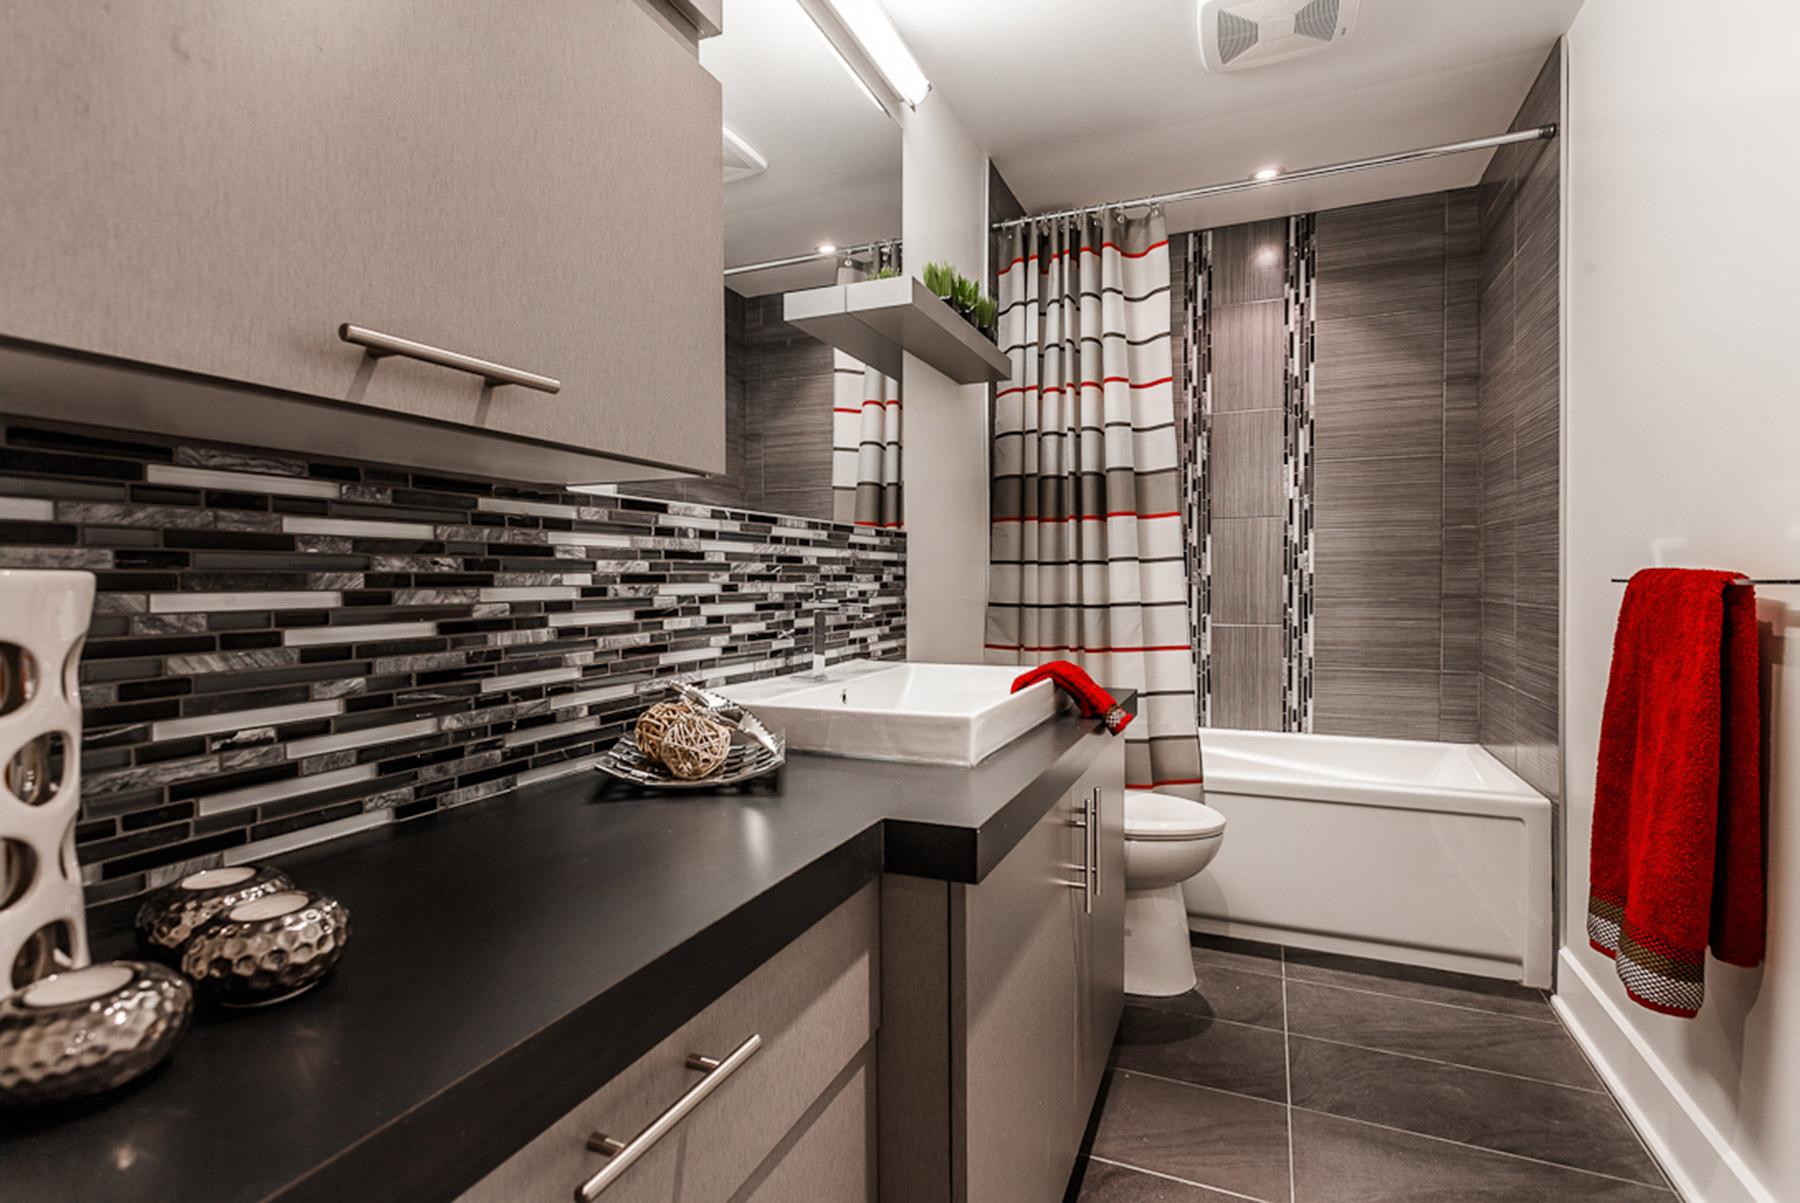 Salle de bain moderne en gris armodec salle de bain laval - Salle de bain orthographe ...